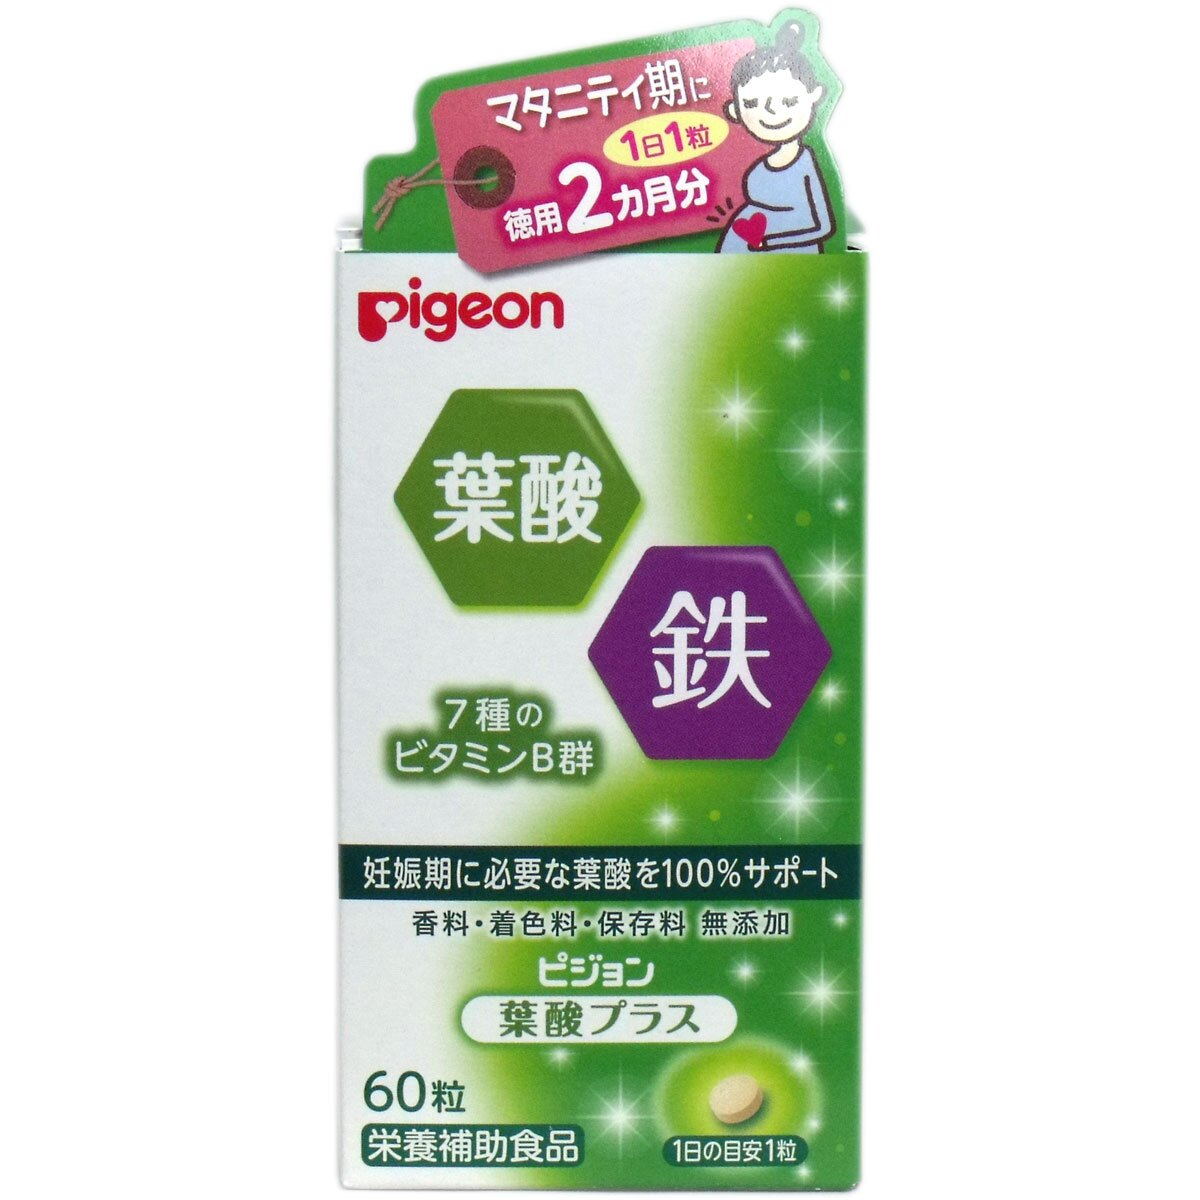 日本pigeon 貝親 葉酸 加鐵維他命B群 60日份